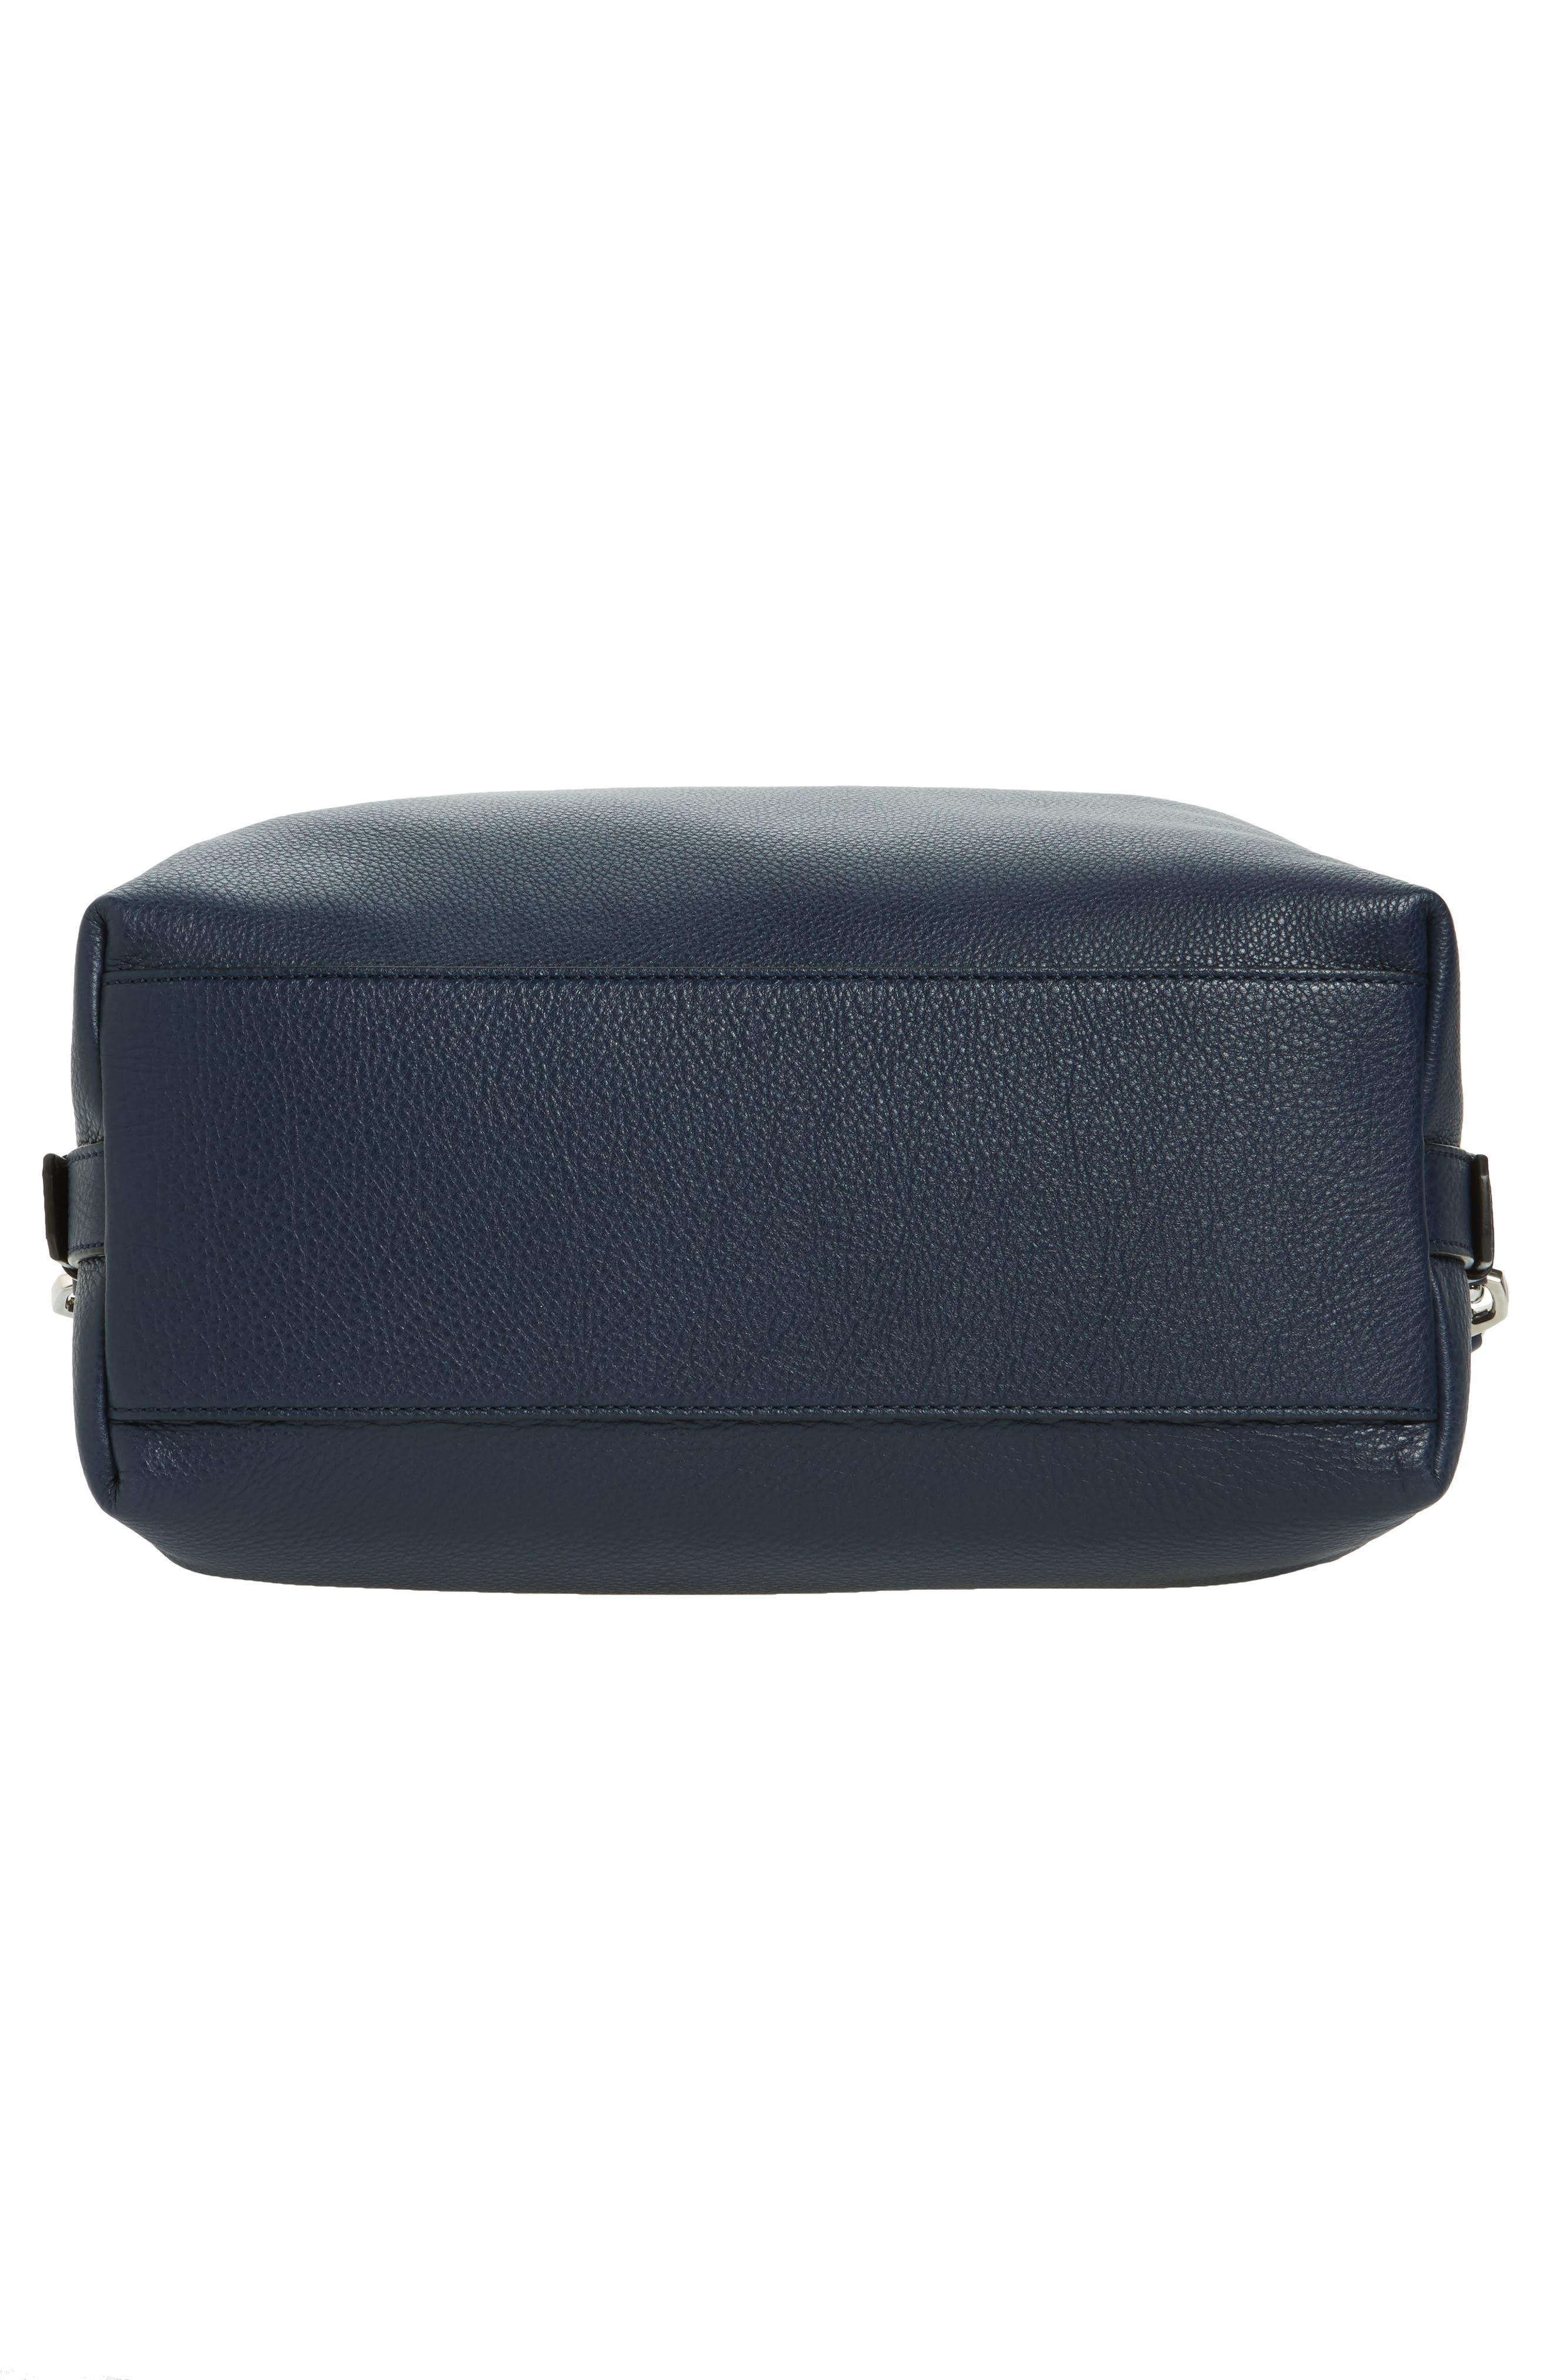 Alternate Image 4  - Givenchy 'Medium Nightingale' Calfskin Leather Satchel